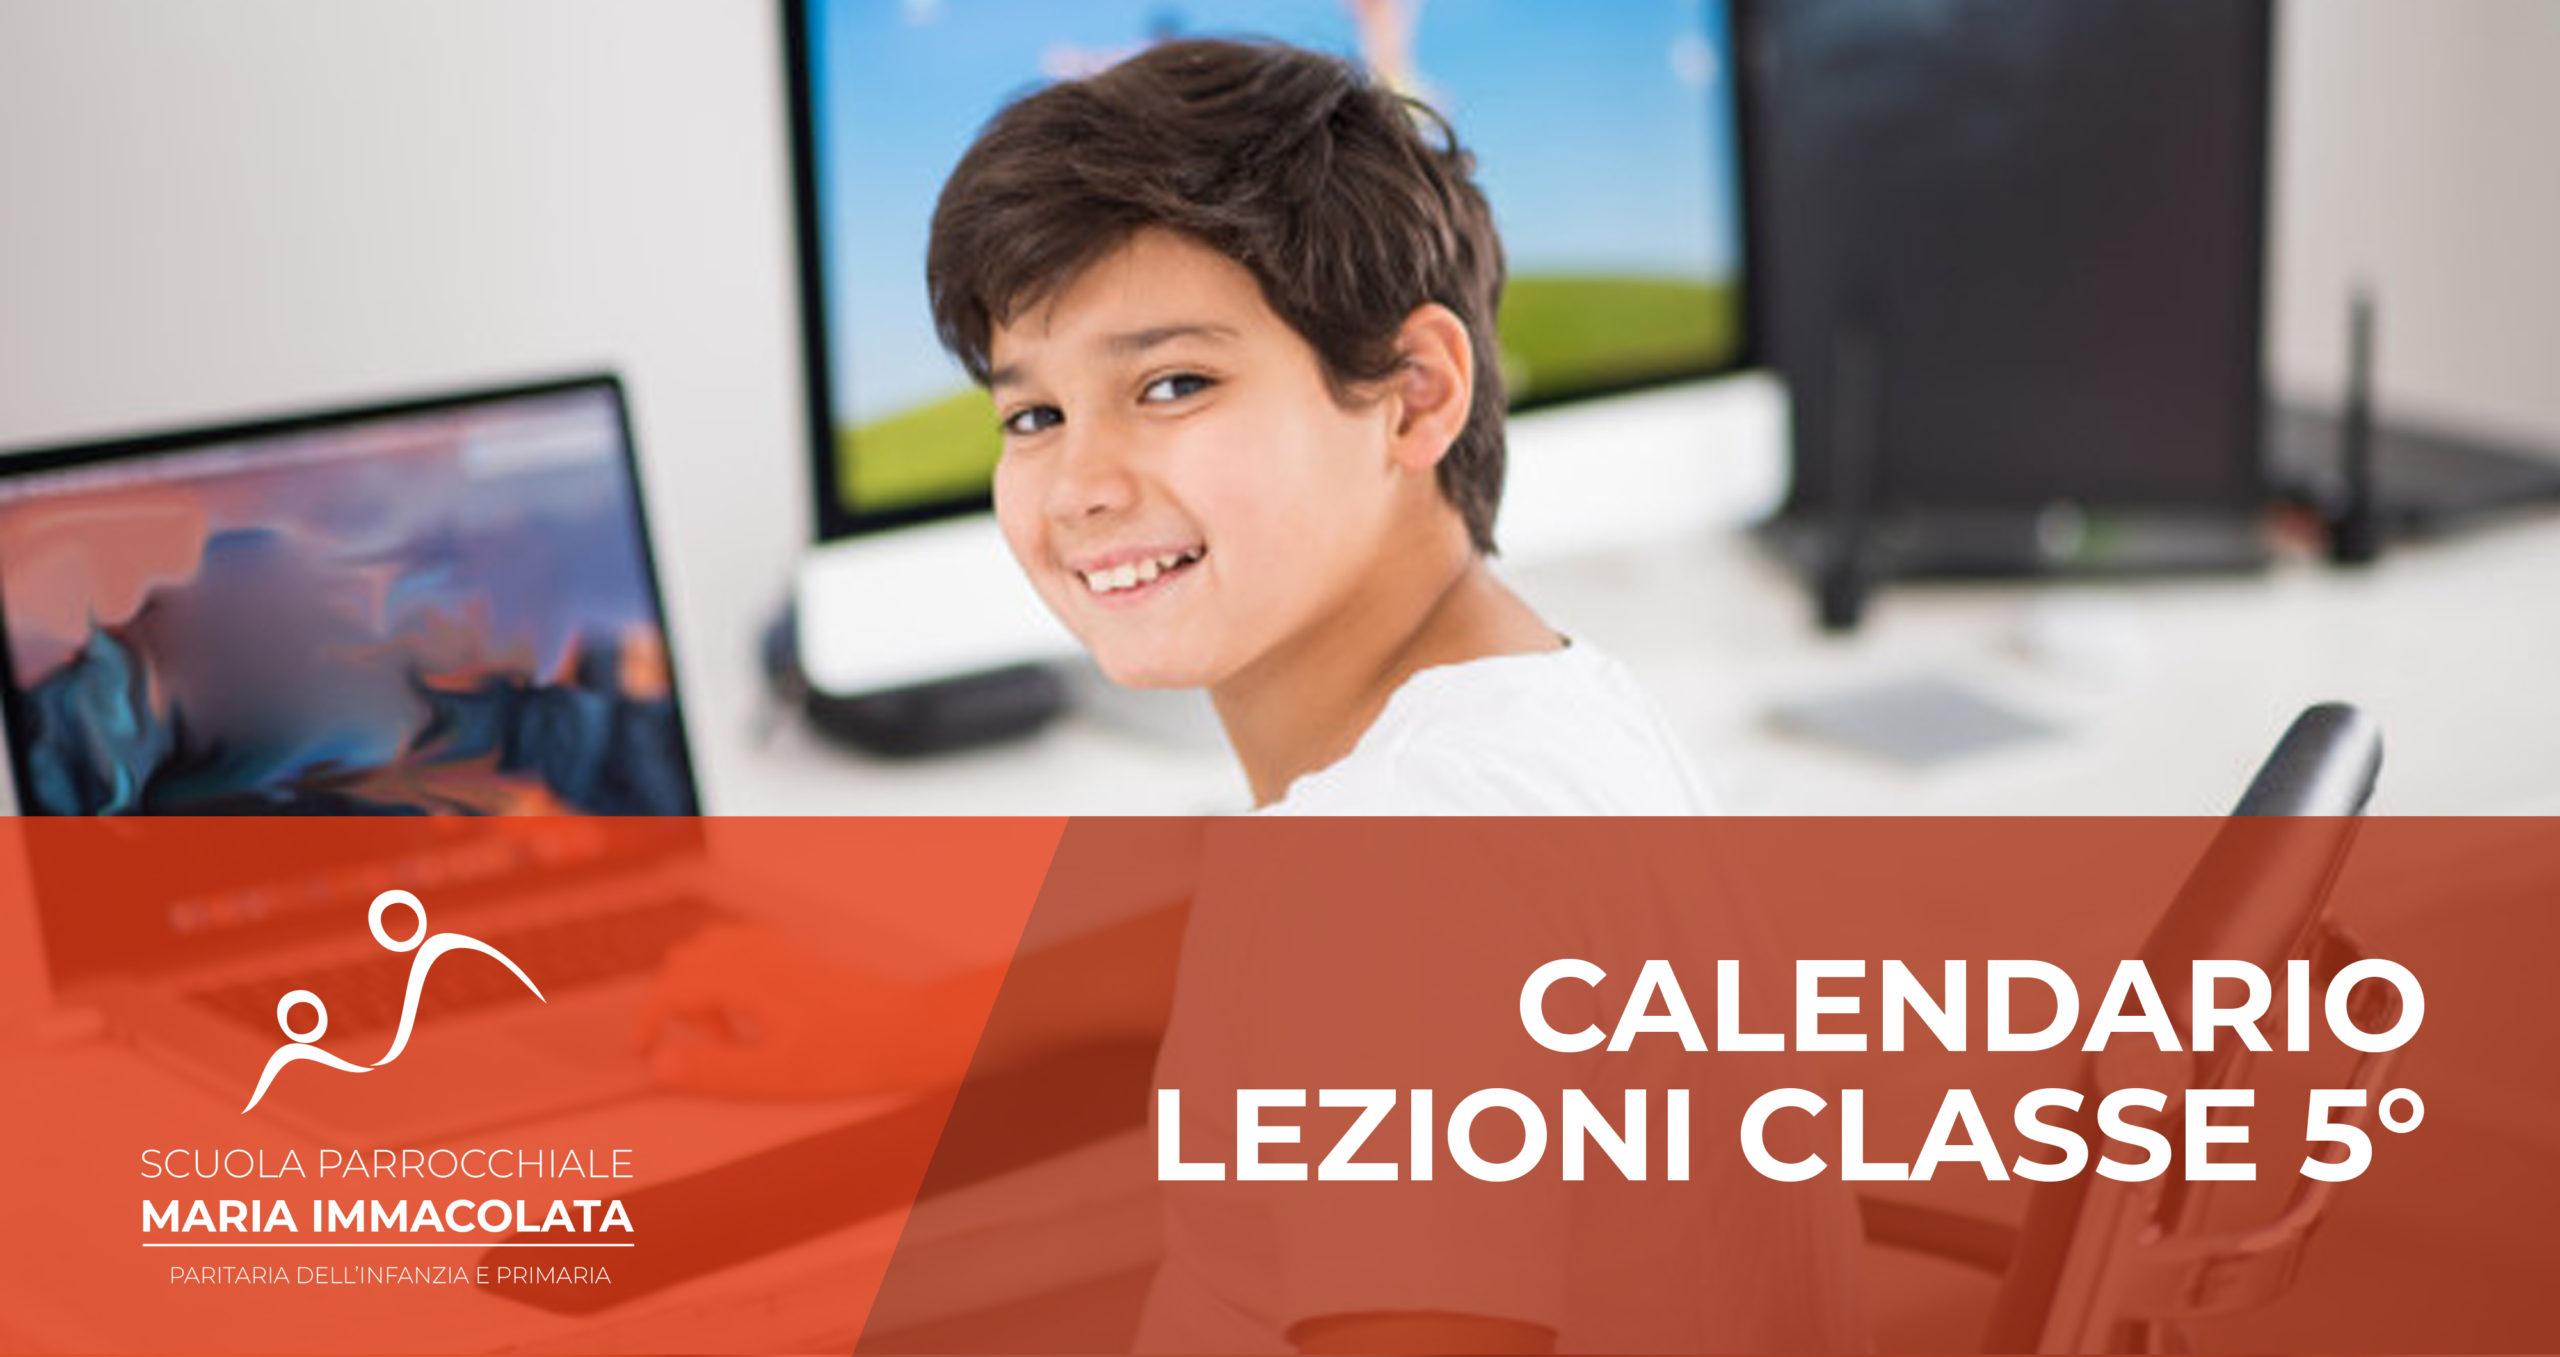 Calendario lezioni 2019-2020 Classe 5